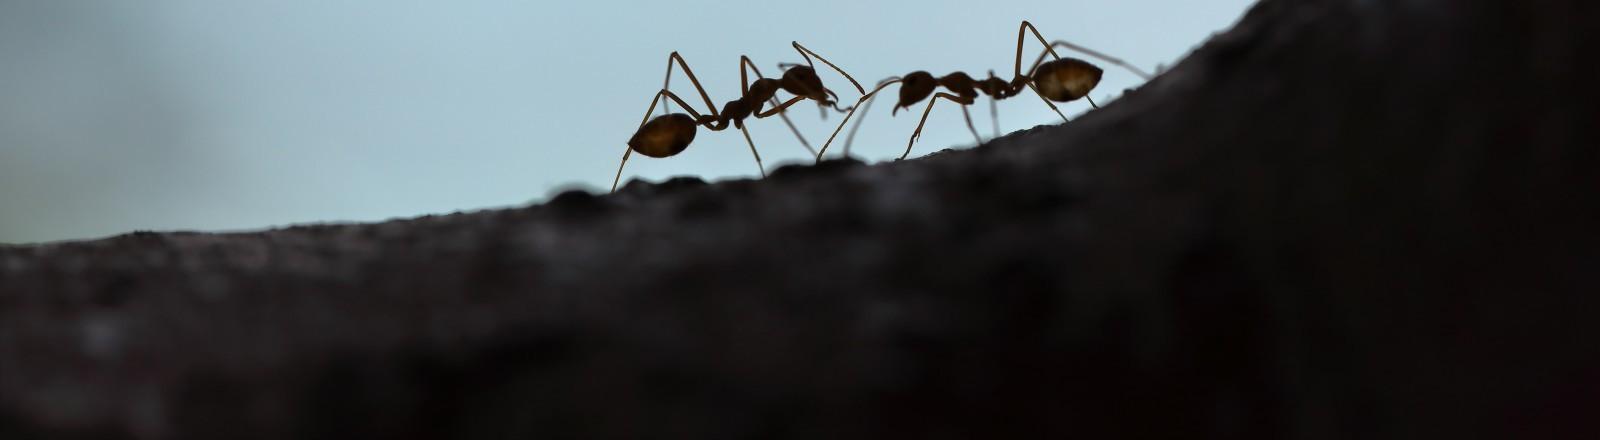 Zwei Ameisensilhouetten